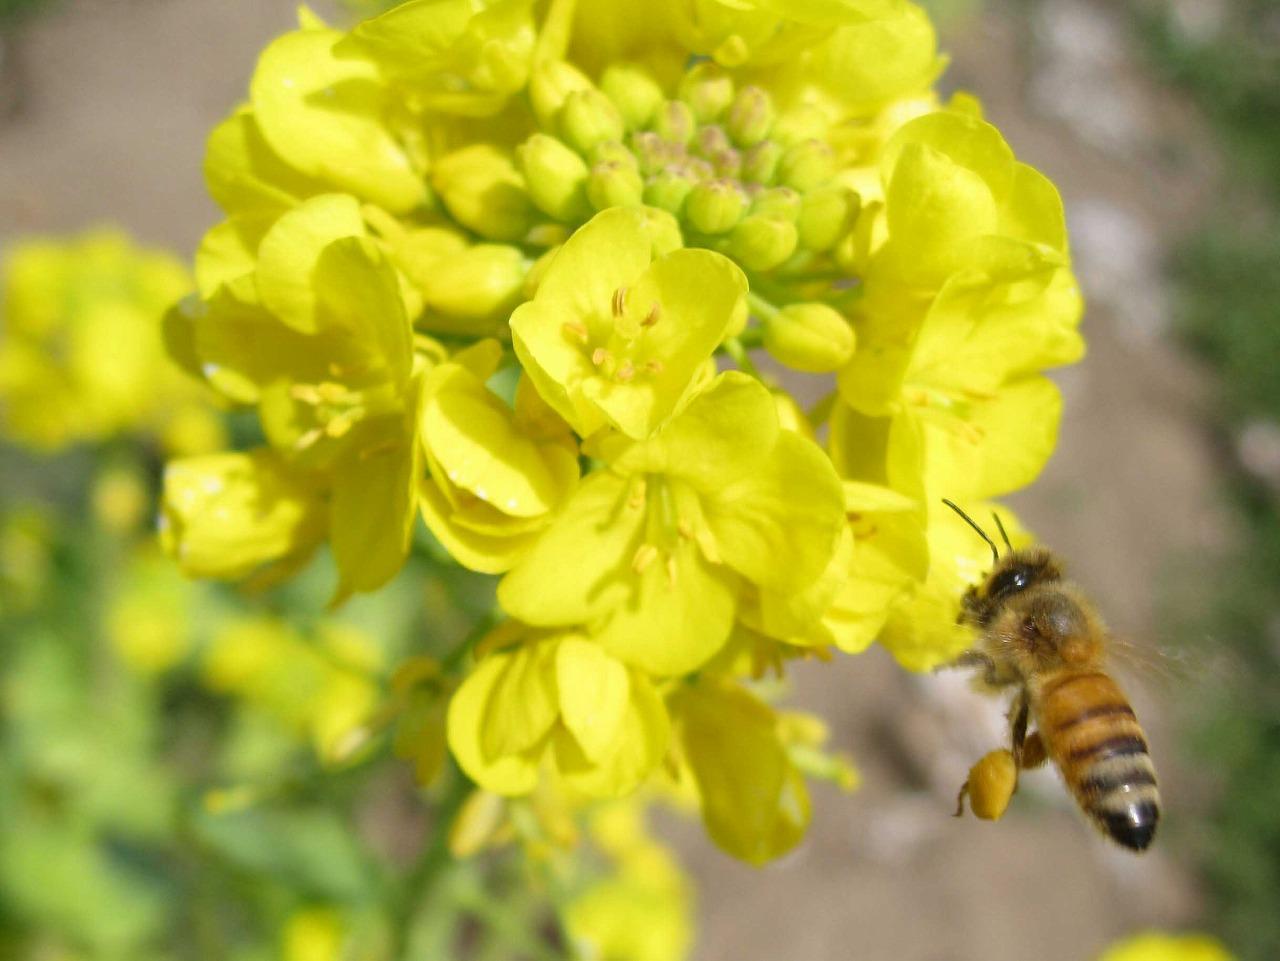 ミツバチトリミング